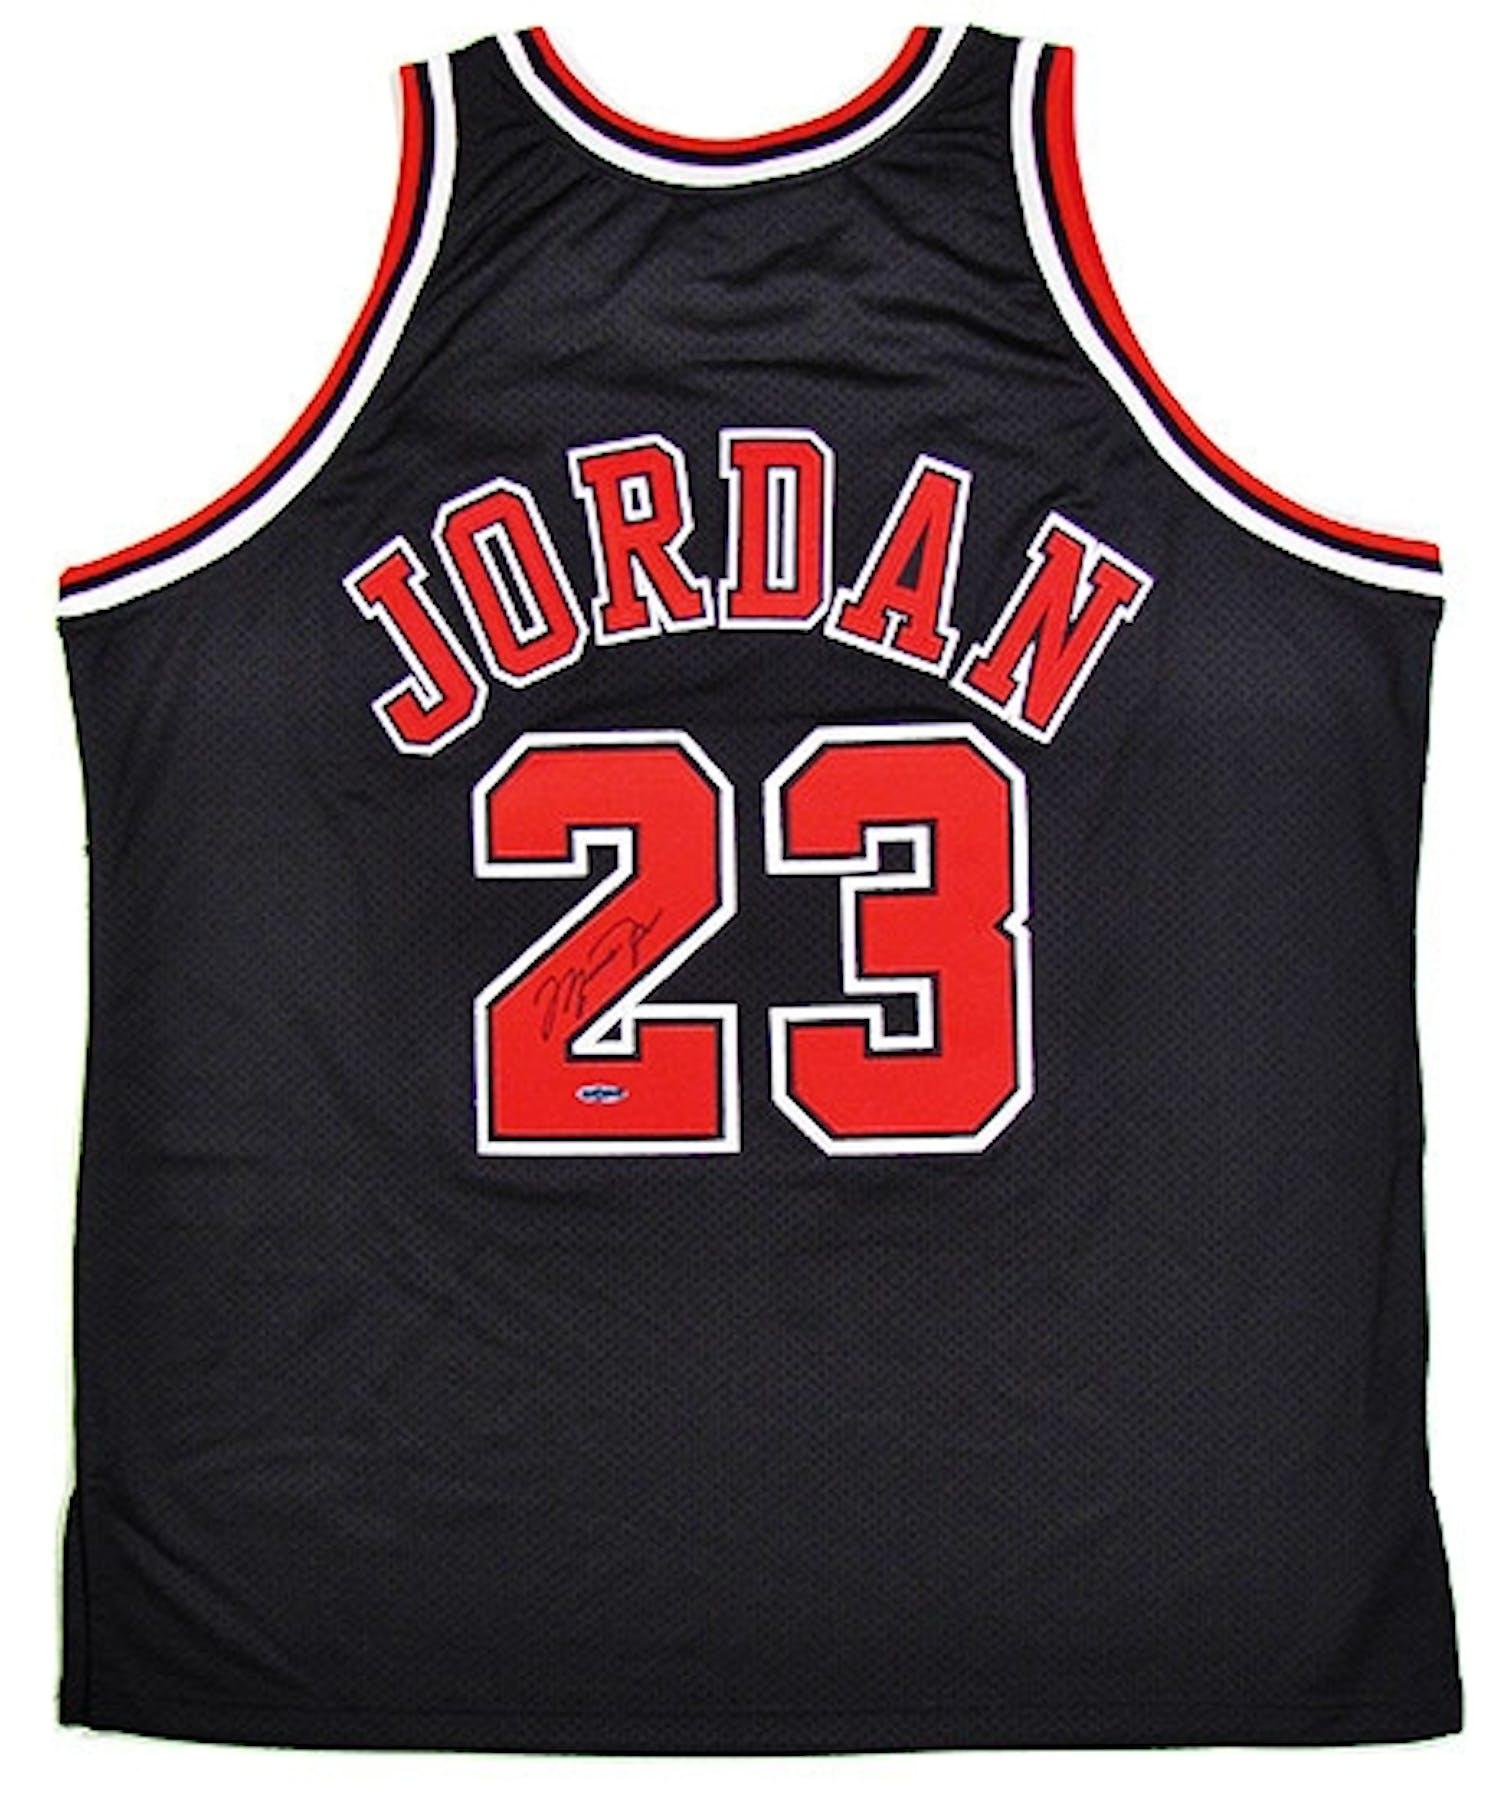 de8f02bf6 Michael Jordan Autographed Chicago Bulls Black Authentic ...